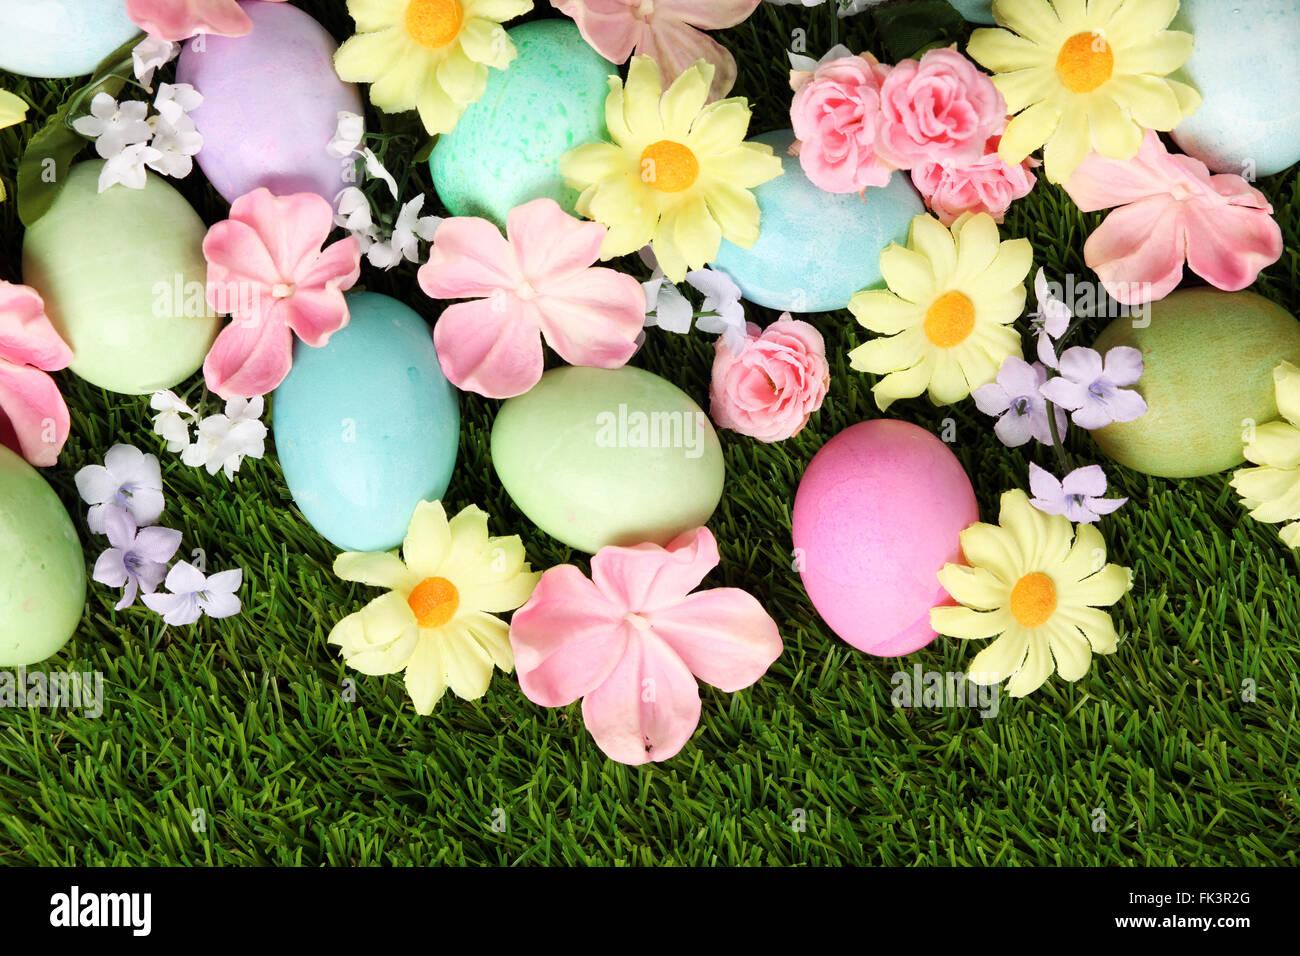 Les oeufs de Pâques colorés sur fond d'herbe avec des fleurs Photo Stock